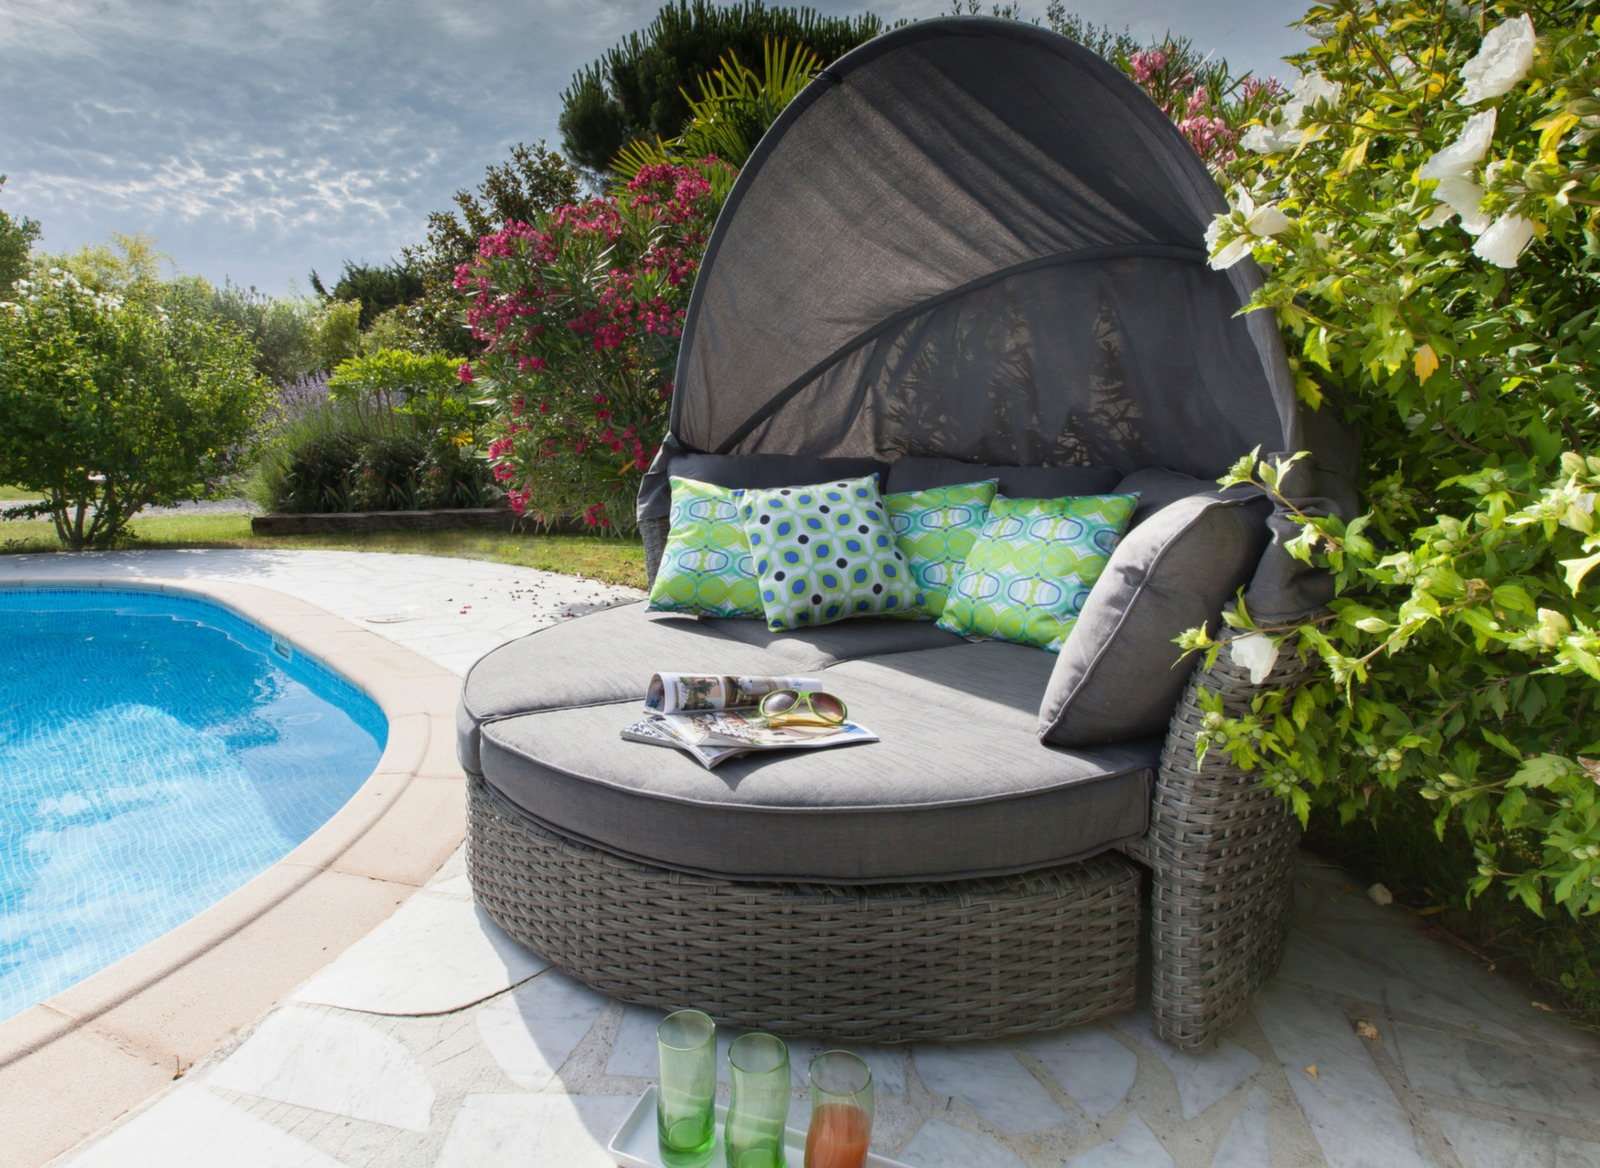 Canap lit d 39 ext rieur toit rabattant minois mobilier - Lit sofa rond exterieur ...